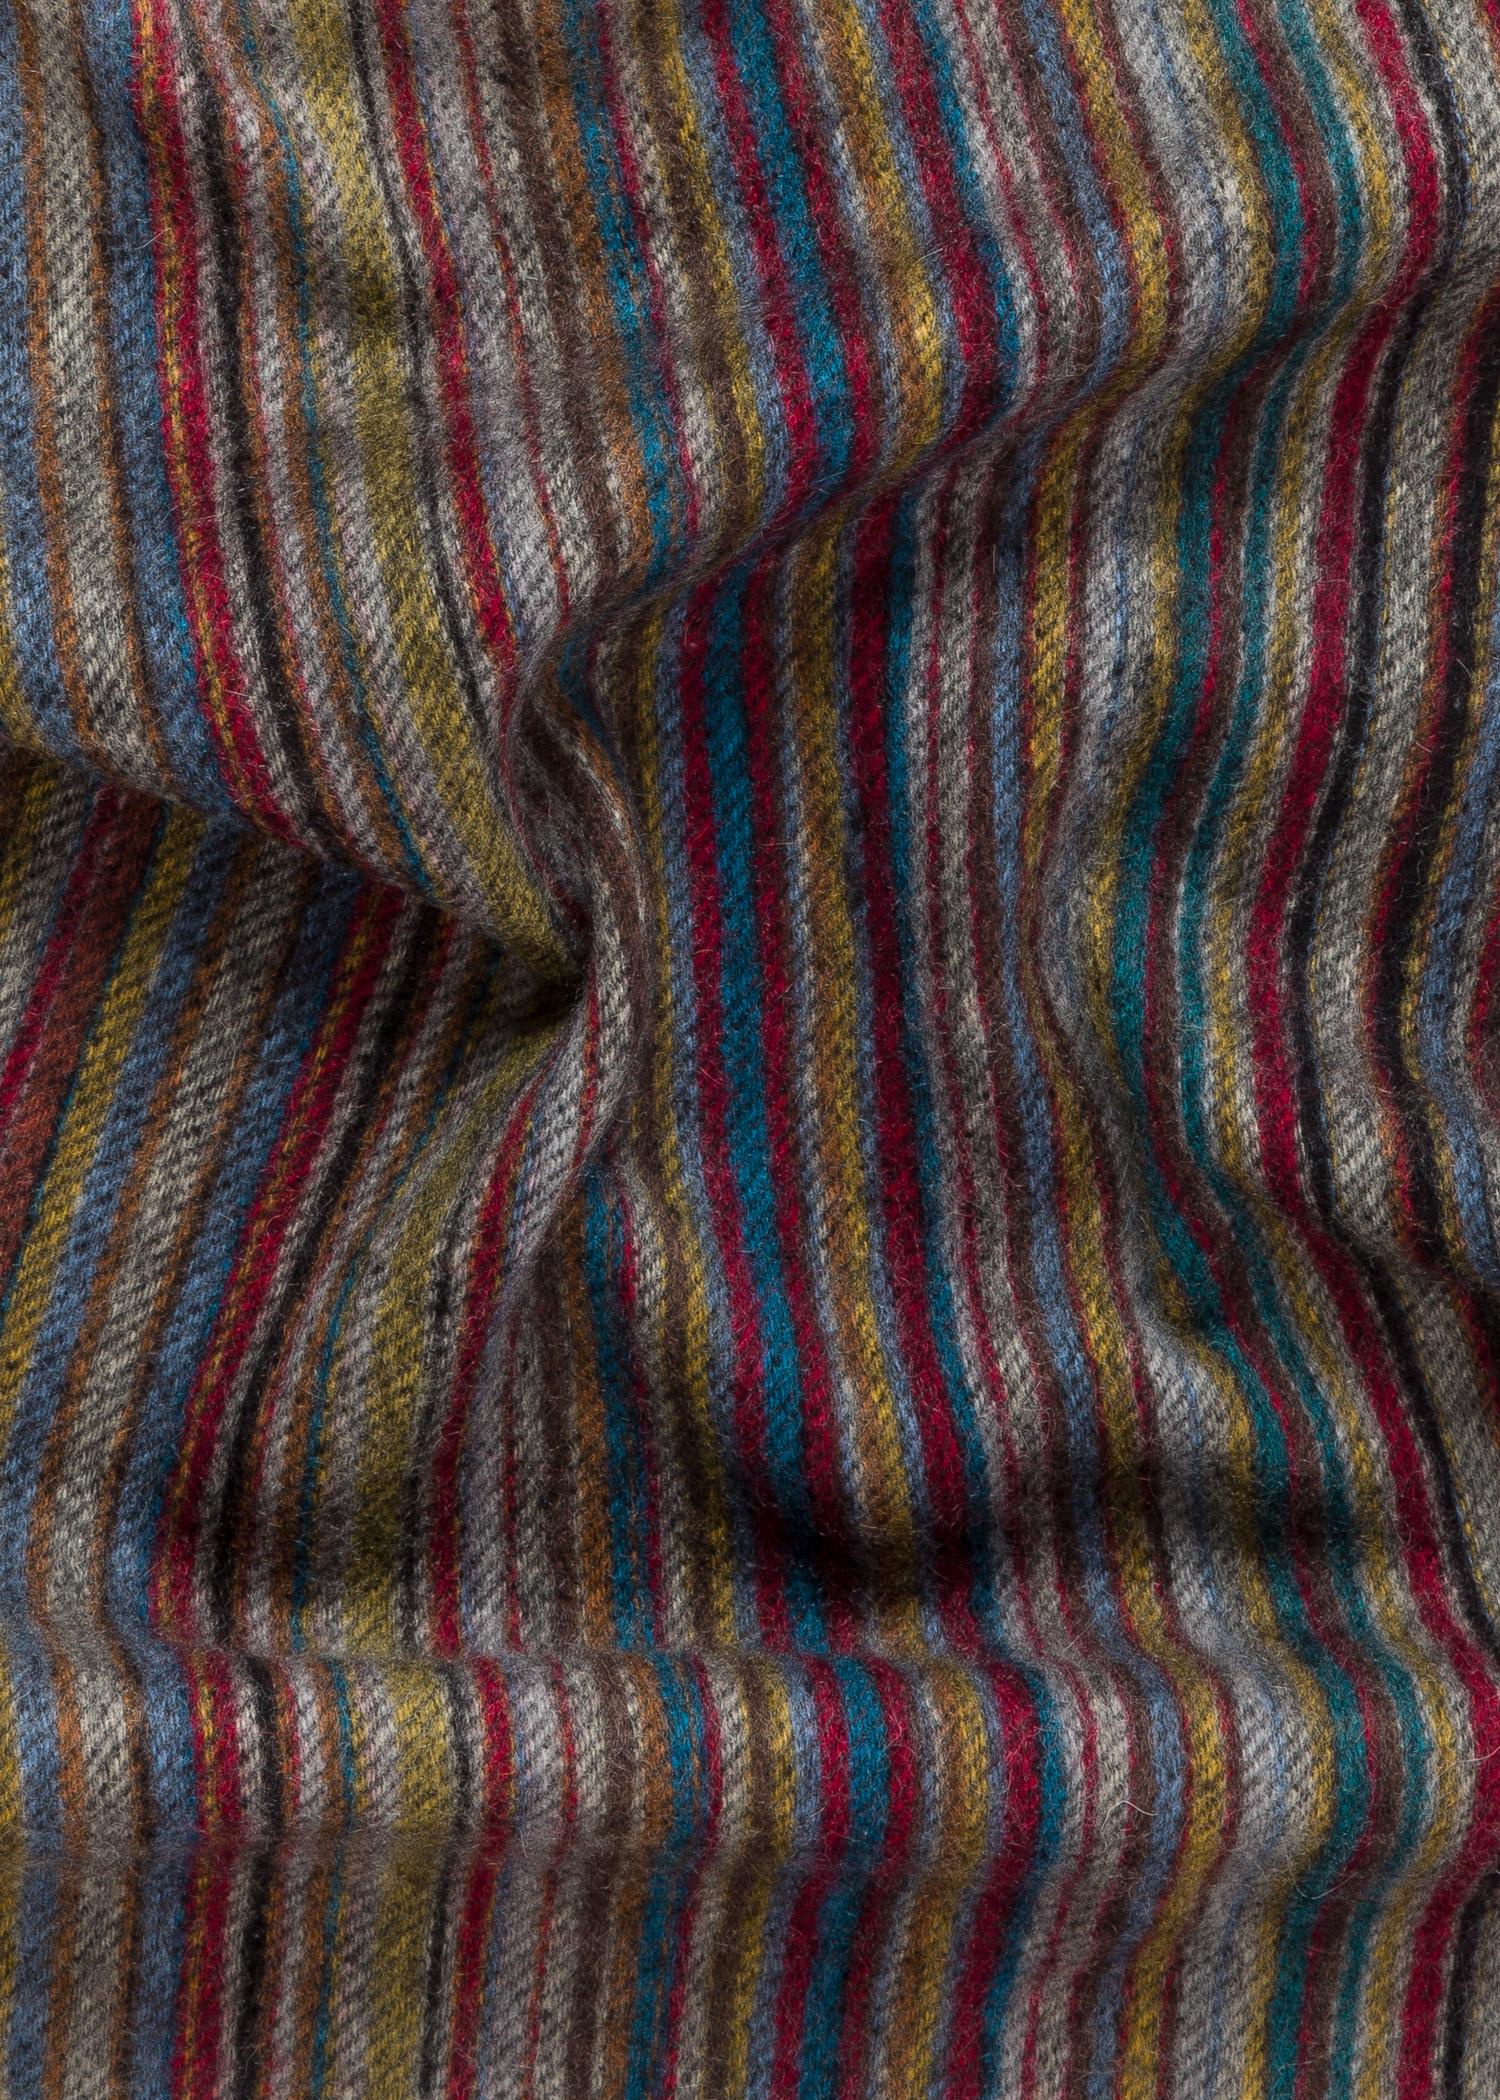 charpe homme motifs 39 signature stripe 39 en cachemire paul smith francais. Black Bedroom Furniture Sets. Home Design Ideas